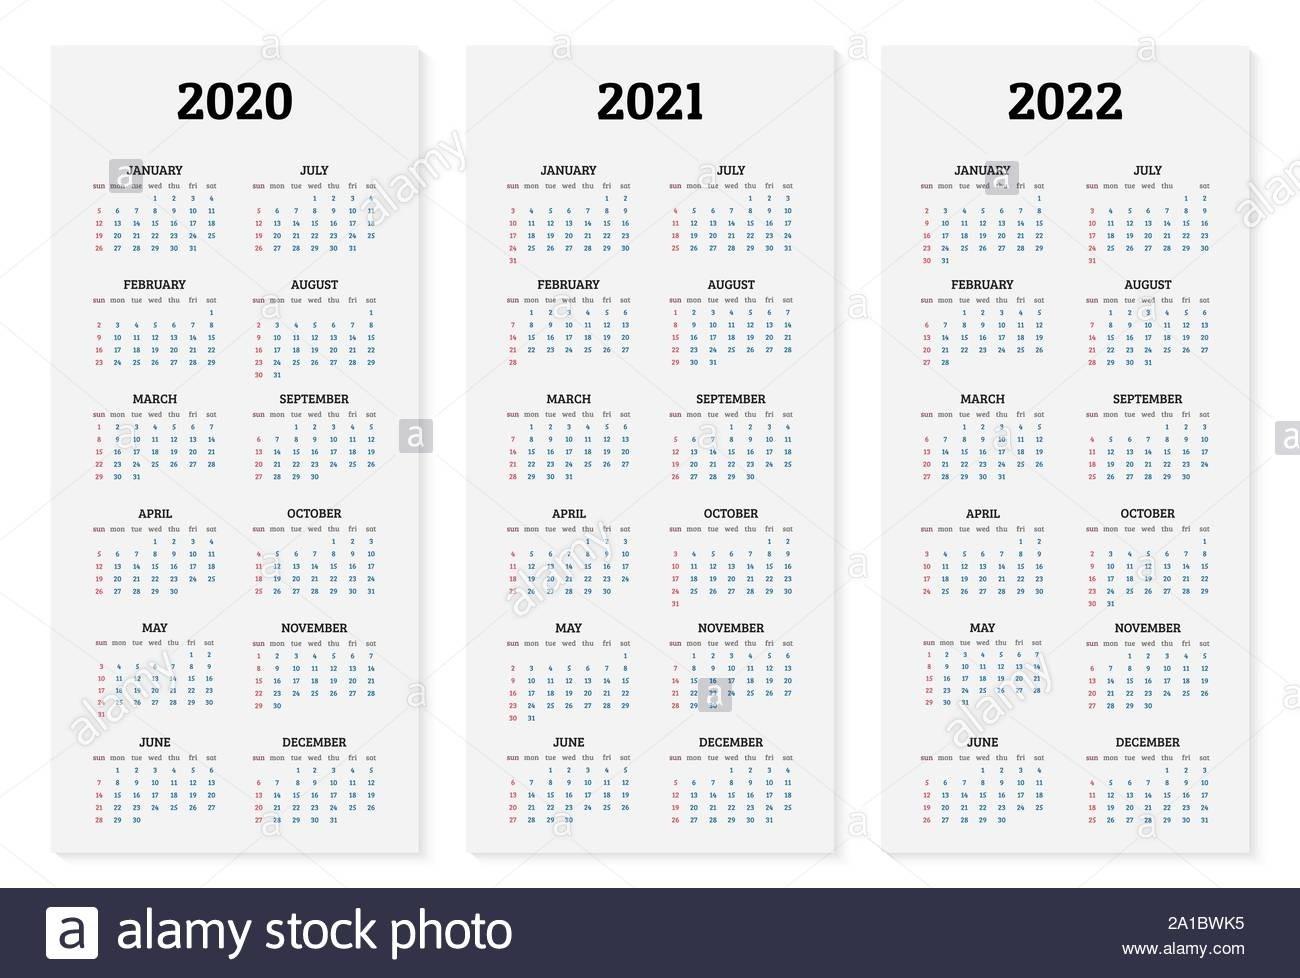 Calenadrio Juliano 2020 - Template Calendar Design